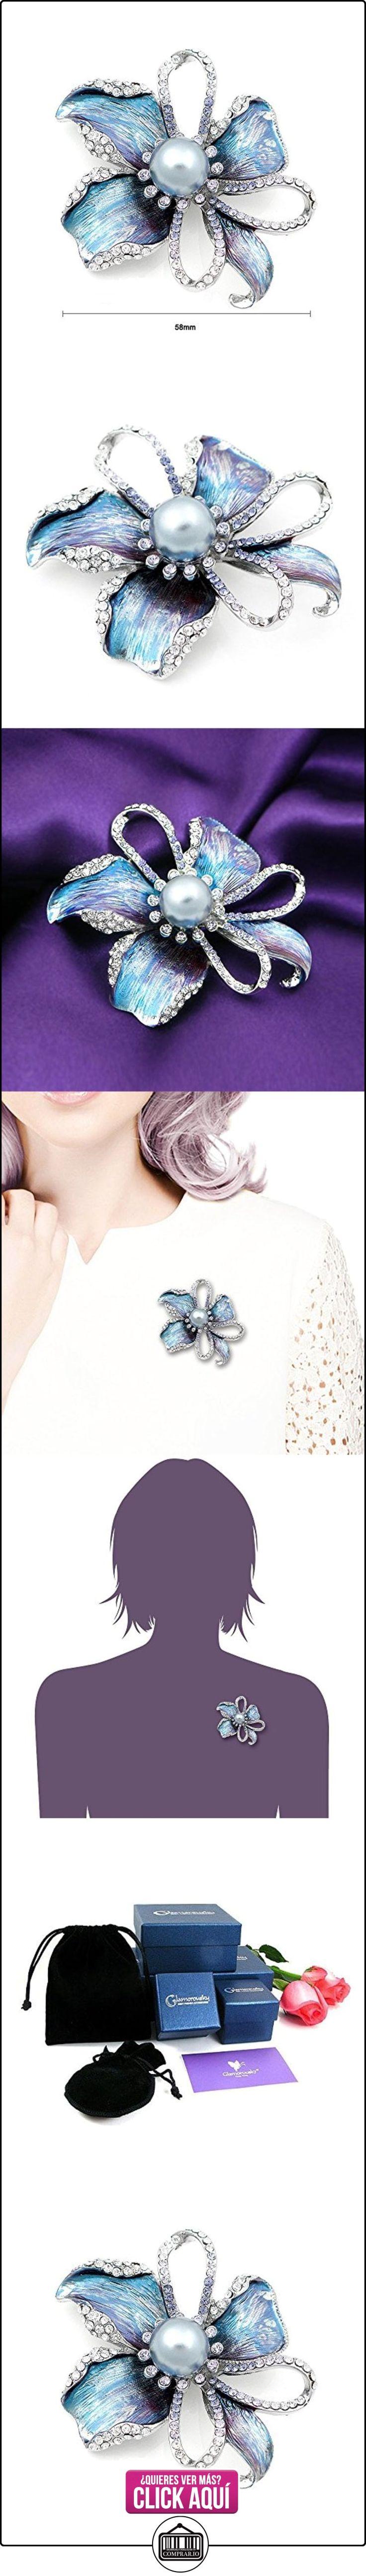 Glamorousky Broche De Flor Con austriaco Plata Cristal Elemento Y Gris Perla De La Moda (4668)  ✿ Joyas para mujer - Las mejores ofertas ✿ ▬► Ver oferta: https://comprar.io/goto/B005Q9GY5U